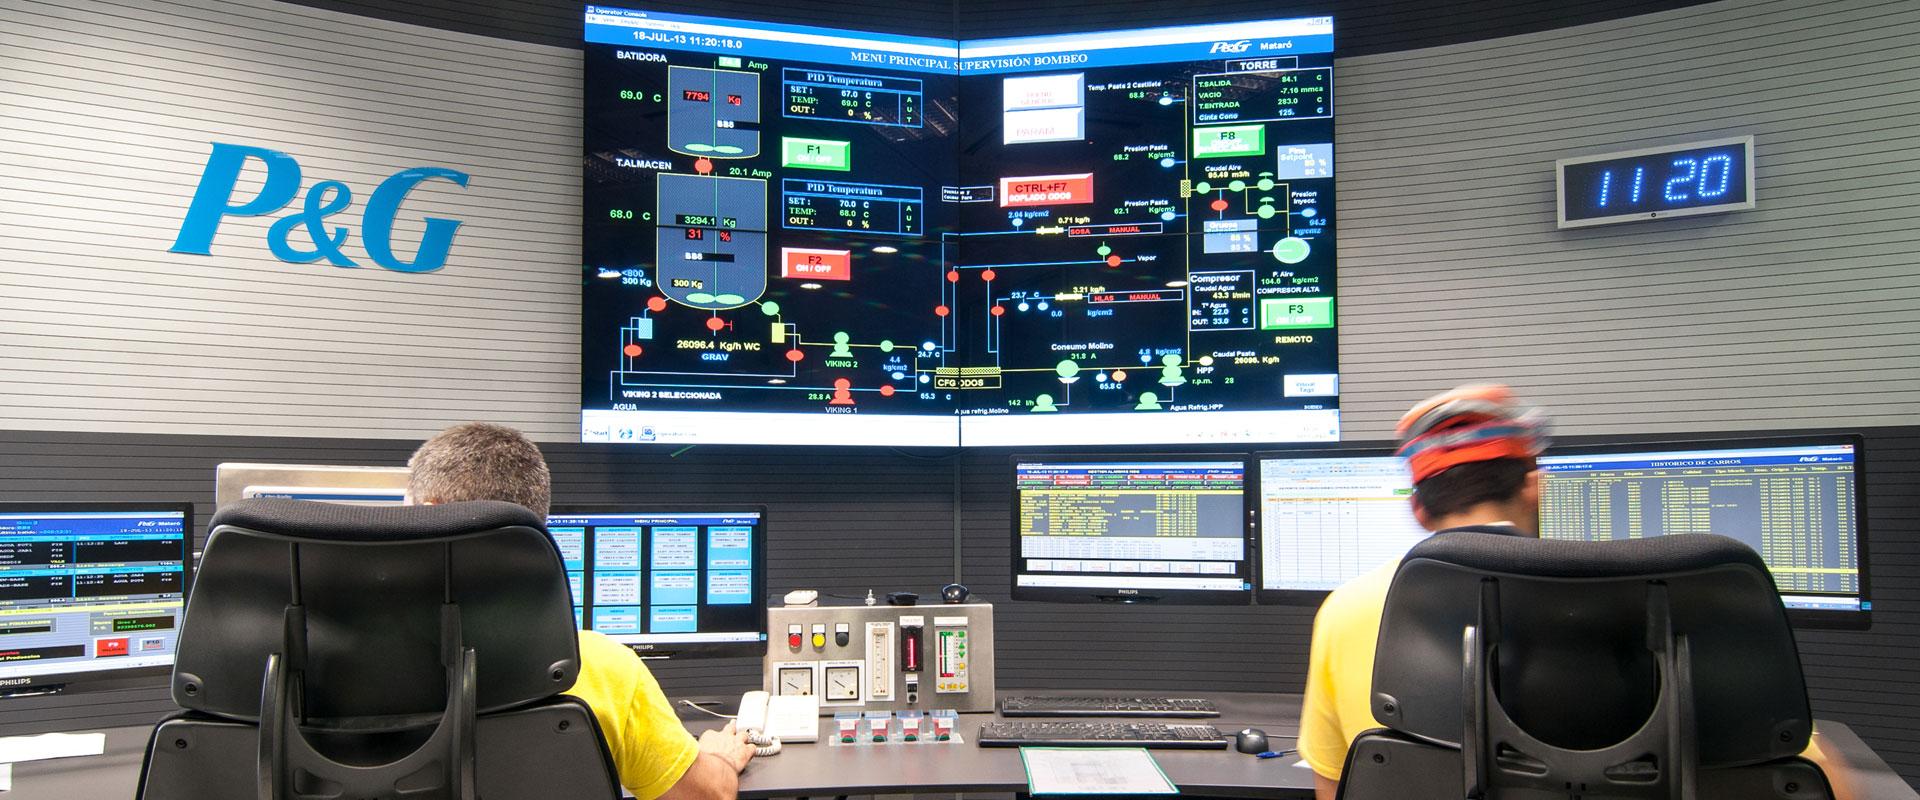 GESAB Control Rooms Desk Header Image